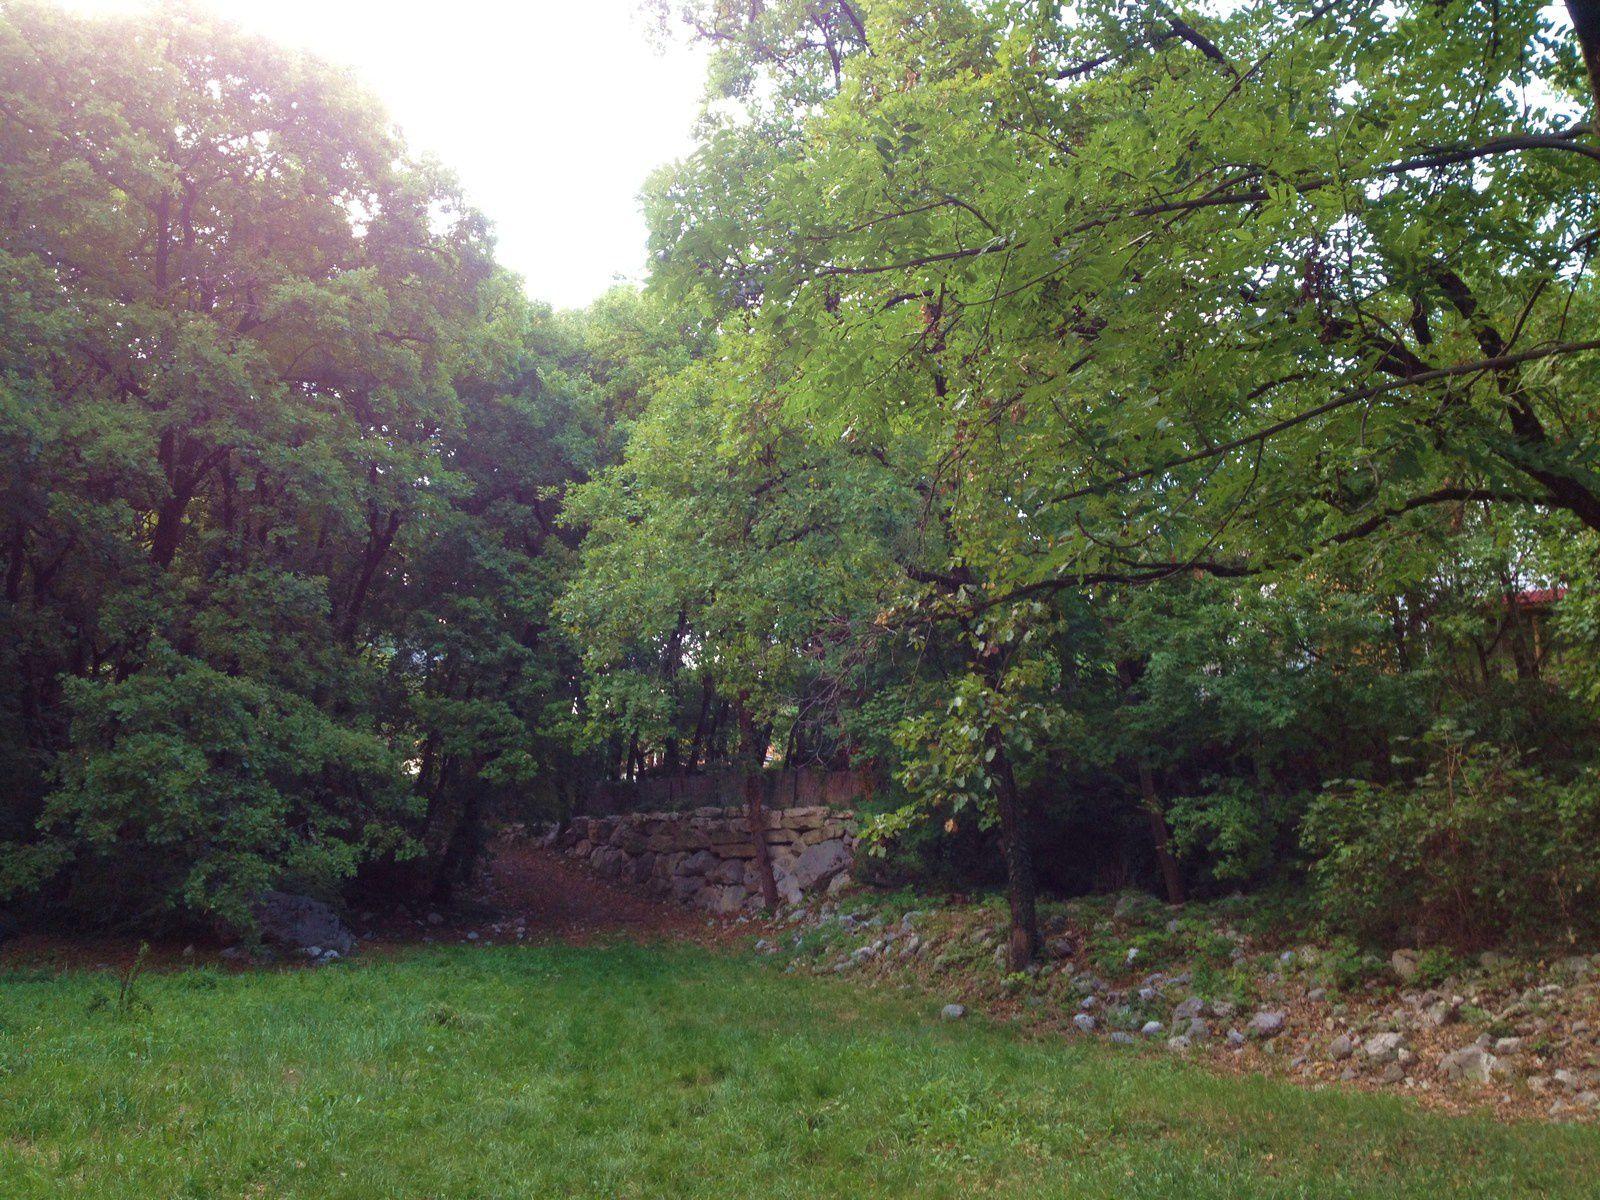 Impossible de photographier le Domaine de Beaurevoir, je l'ai piquée sur le net et il est écrit : Depuis les Côtes de Sassenage, on a une jolie vue sur les ruines du château médiéval, qui était autrefois illuminé pour les fêtes de fin d'année. Le meilleur moyen de voir le château de Beaurevoir, caché dans les arbres, est probablement, pour le commun des mortels, depuis le parc de l'Ovalie.Architecture baroque de la fin du XIX°, situé sur une propriété de 25 hectares aux côtes de Sassenage. Il fut construit par le célèbre gantier Alphonse Terray à l'époque où Grenoble était la capitale du gant.   Le domaine n'est pas visitable, il s'agit d'une propriété privée, louée pour des mariages, conférences...   A l'origine, il se nommait Beauregard.